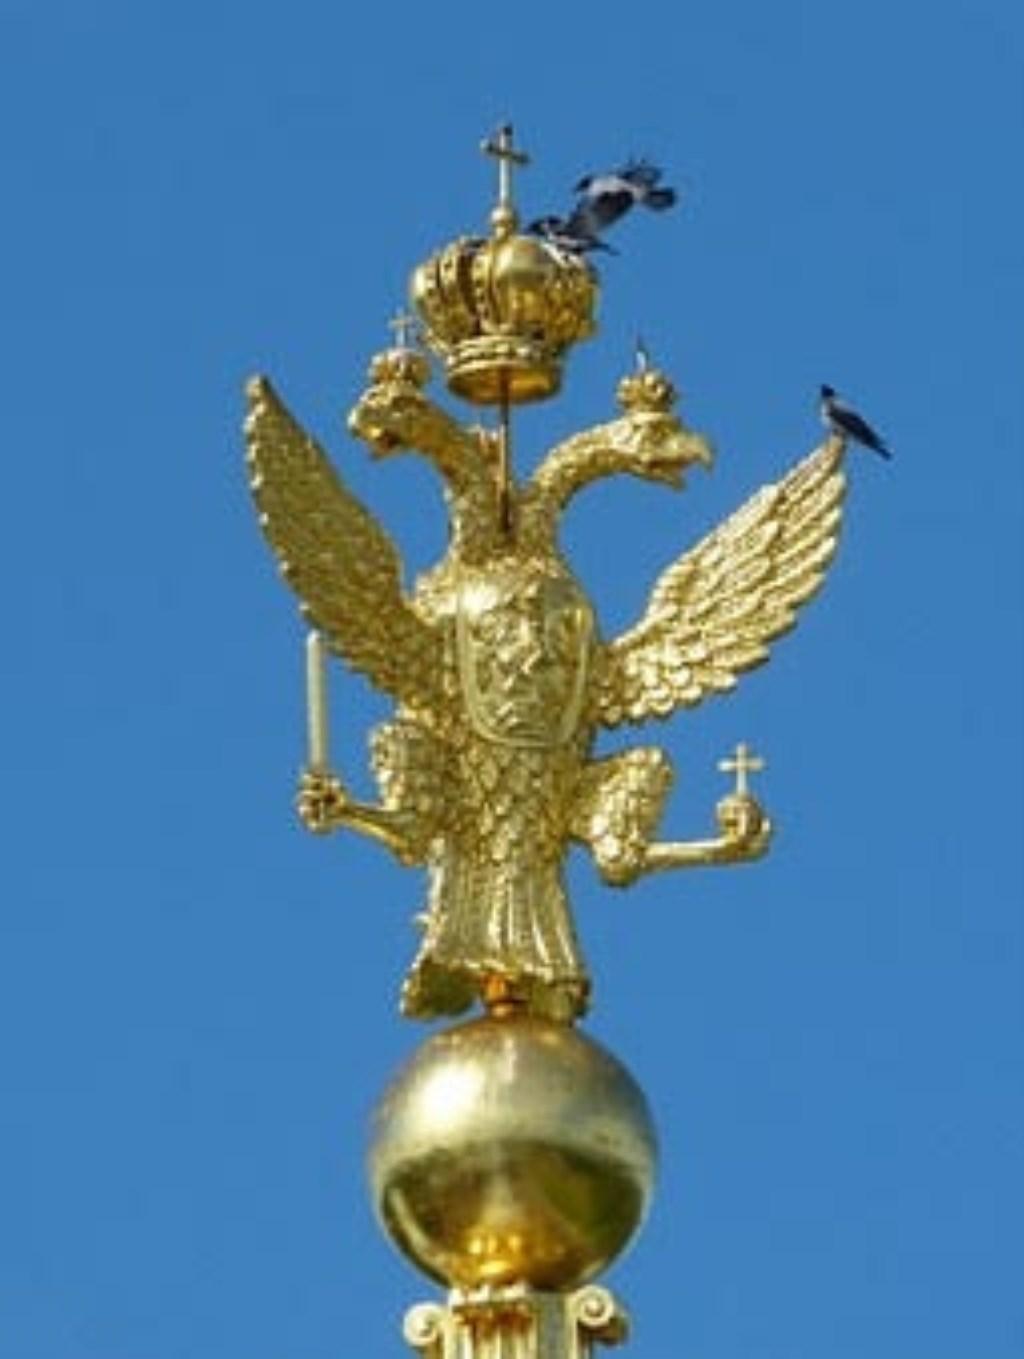 Dubbelkoppige adelaar in Sint-Petersburg Foto: Natuurgroep Gestel © MooiGestel